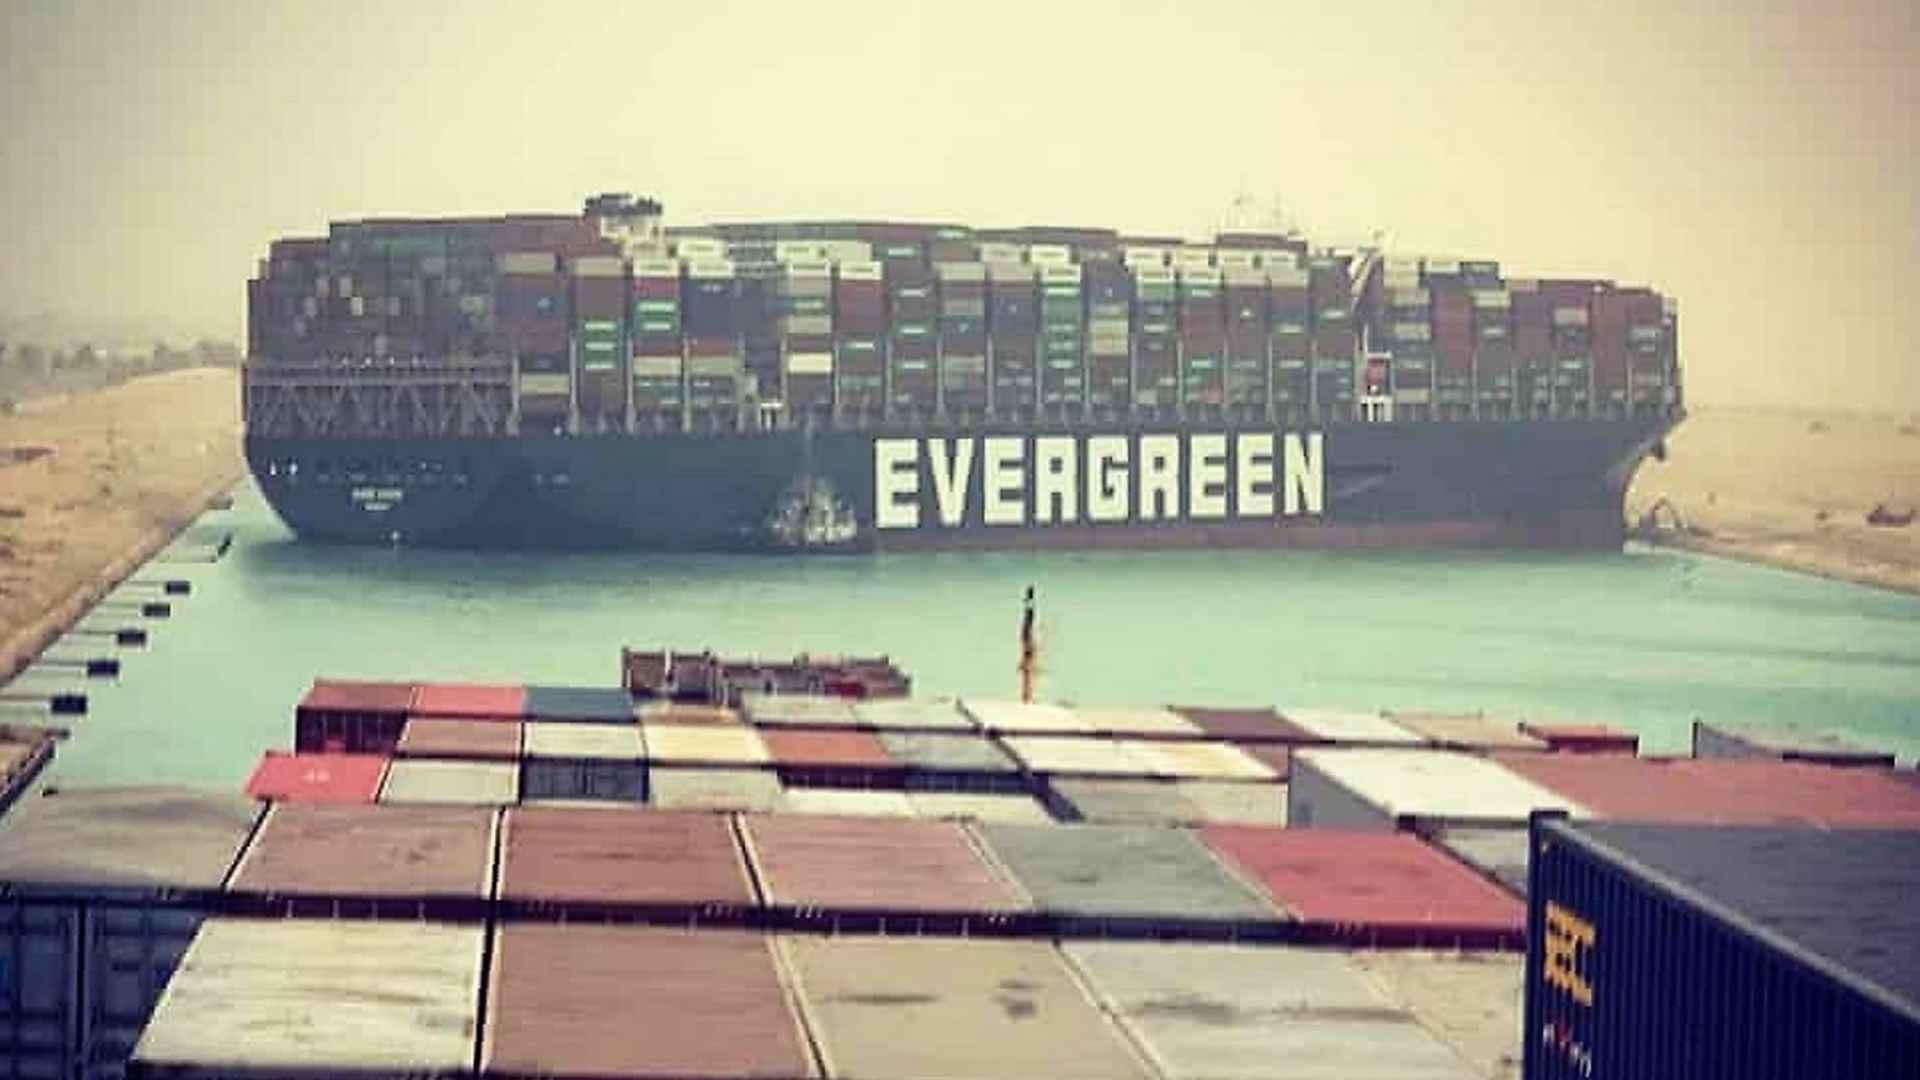 imagem-destacada-navio-encalha-no-canal-de-suez-e-provoca-fila-internet-nao-perdoa-e-faz-memes